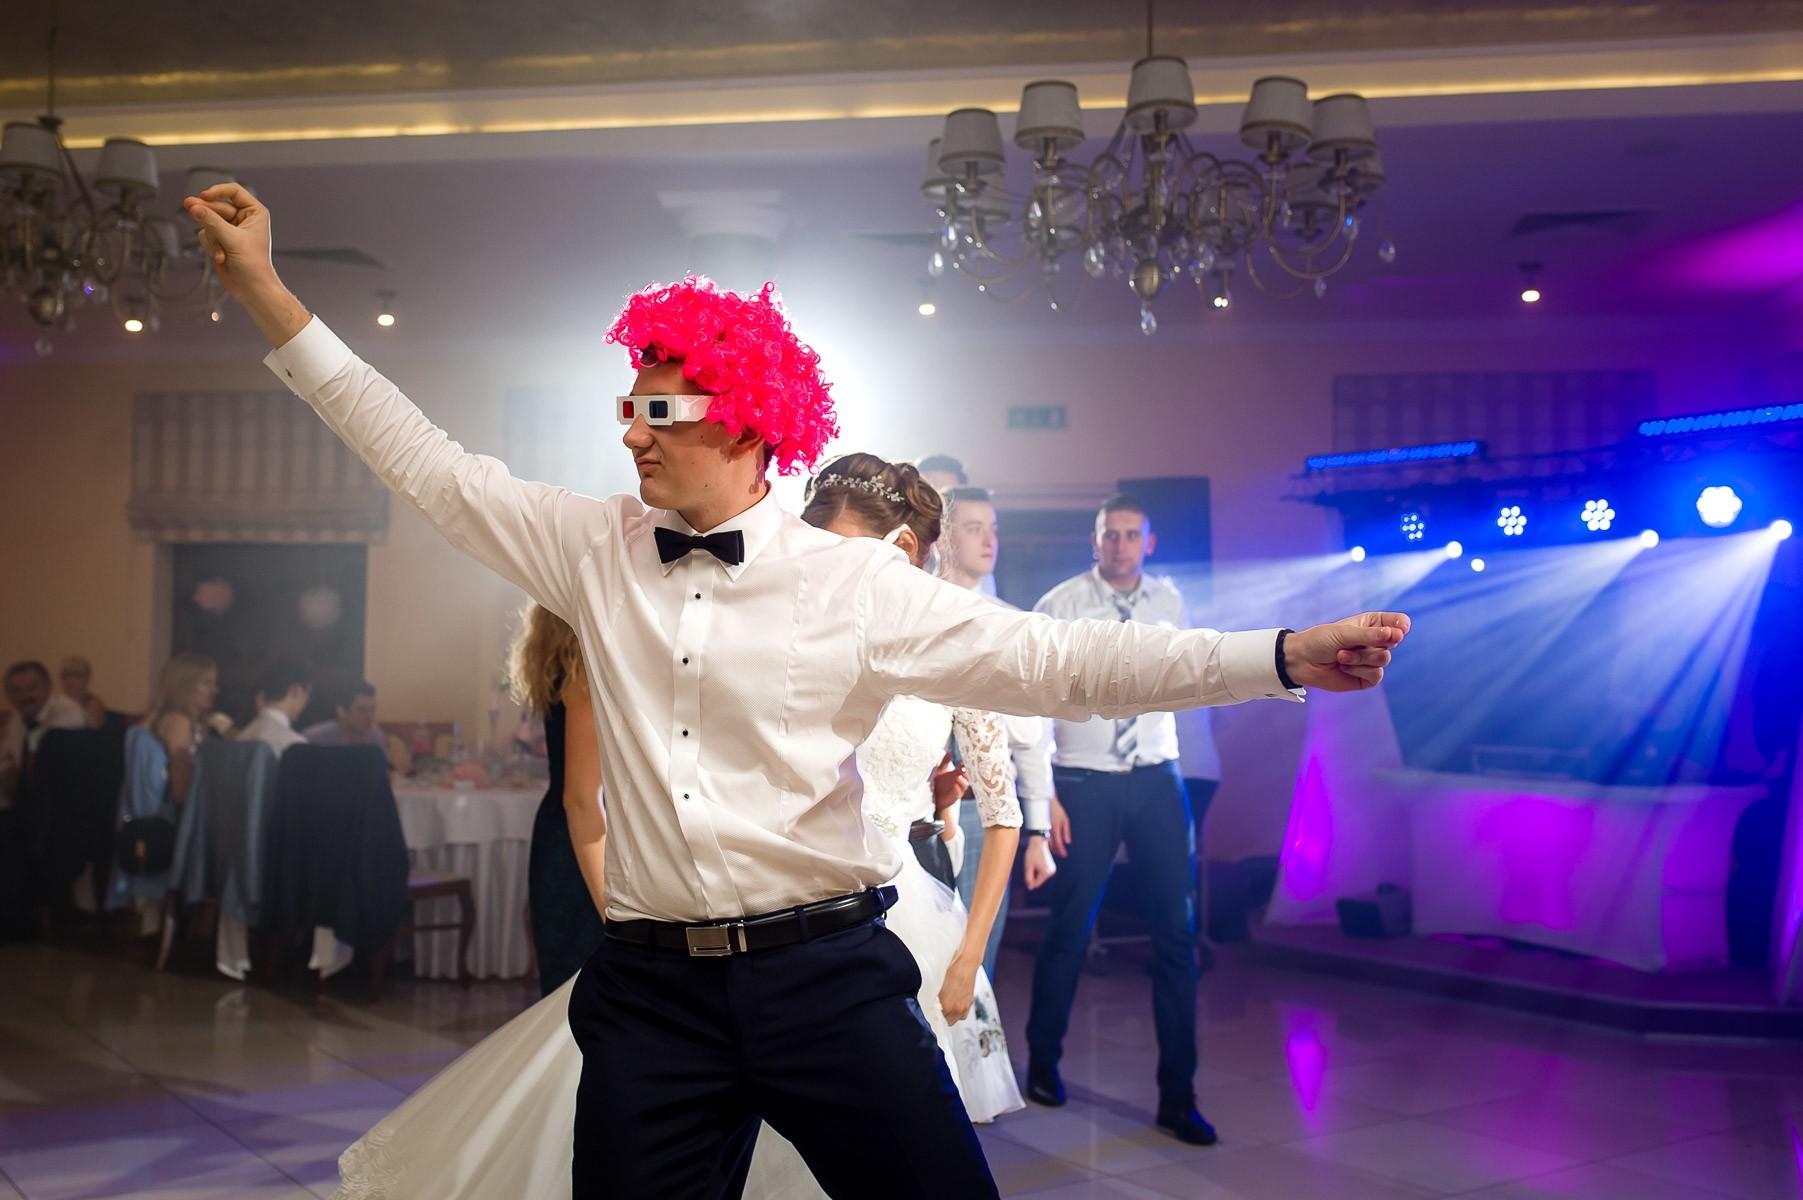 sala na skarpie fotograf slubny slask malopolska adam pietrusiak plener slubny w gorach jw wedding 173